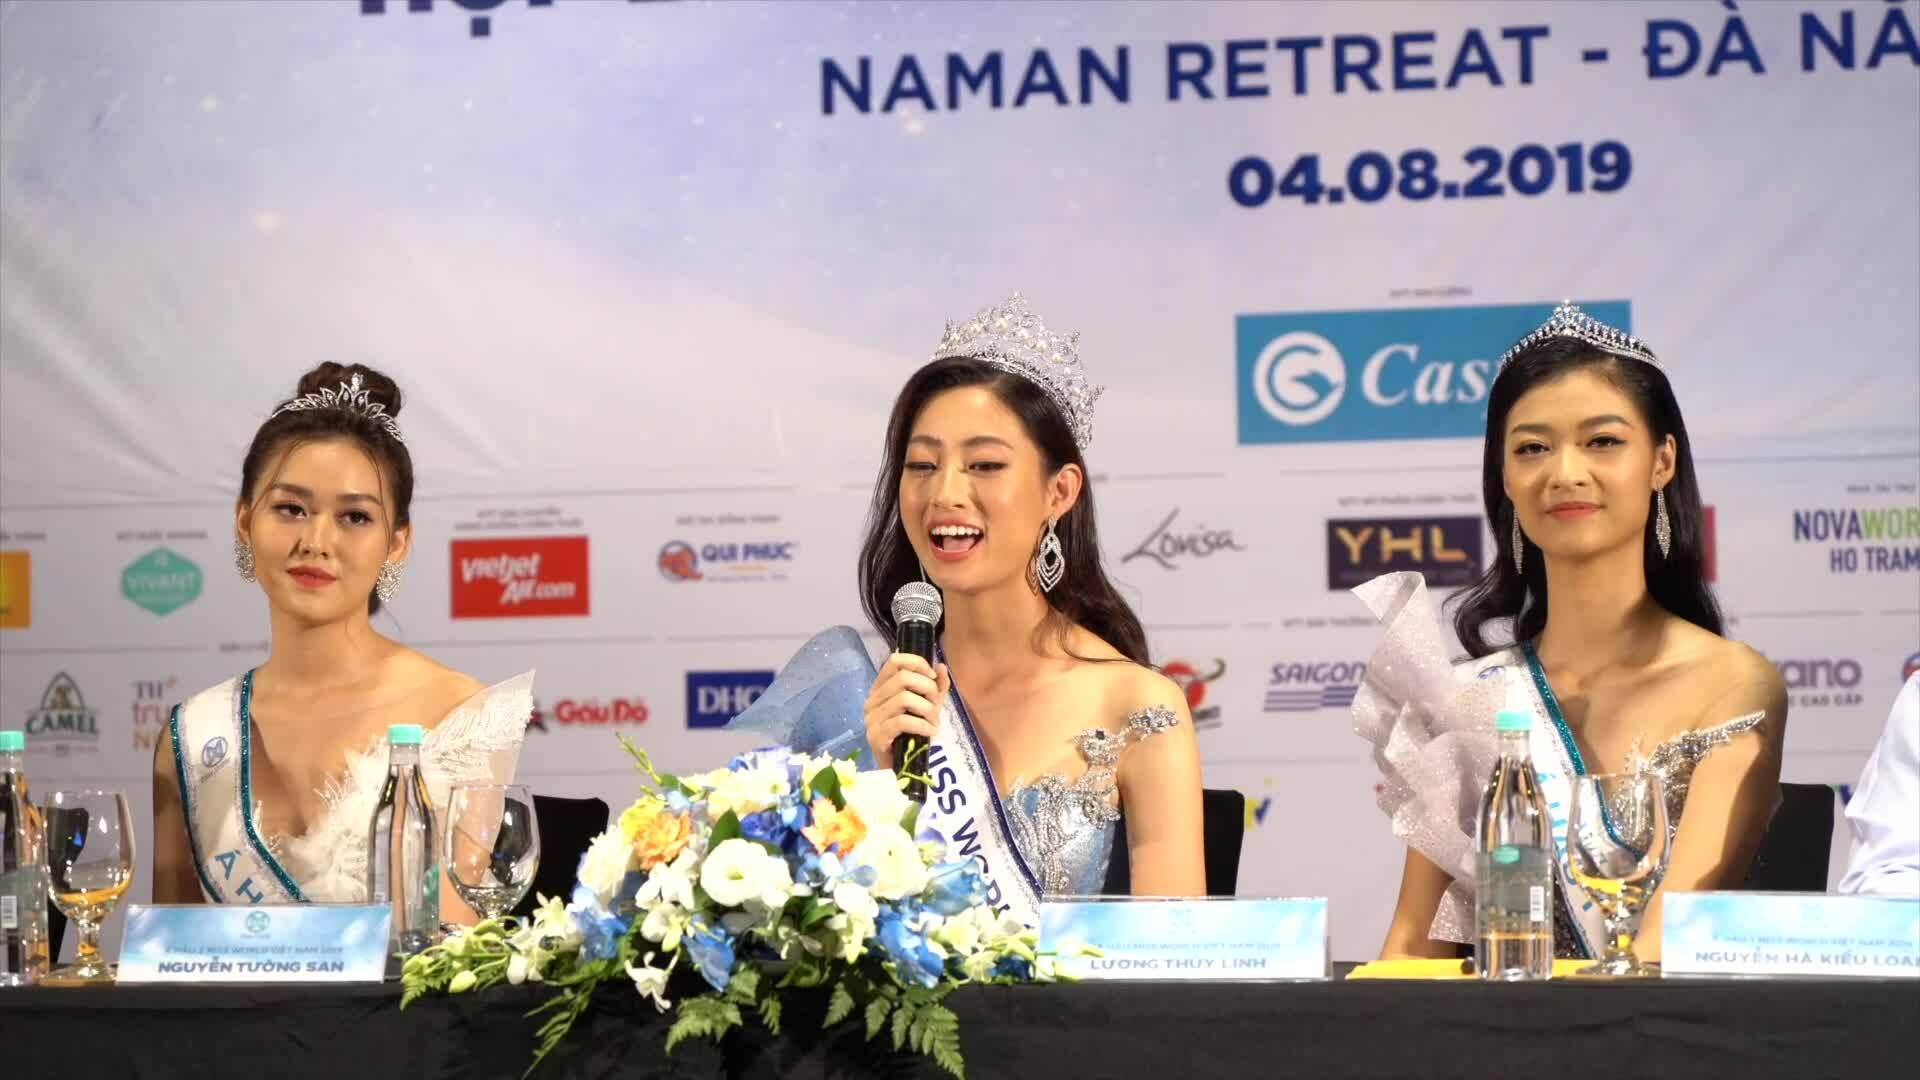 Hoa hậu Lương Thuỳ Linh và hai Á hậu giới thiệu bản thân bằng tiếng Anh